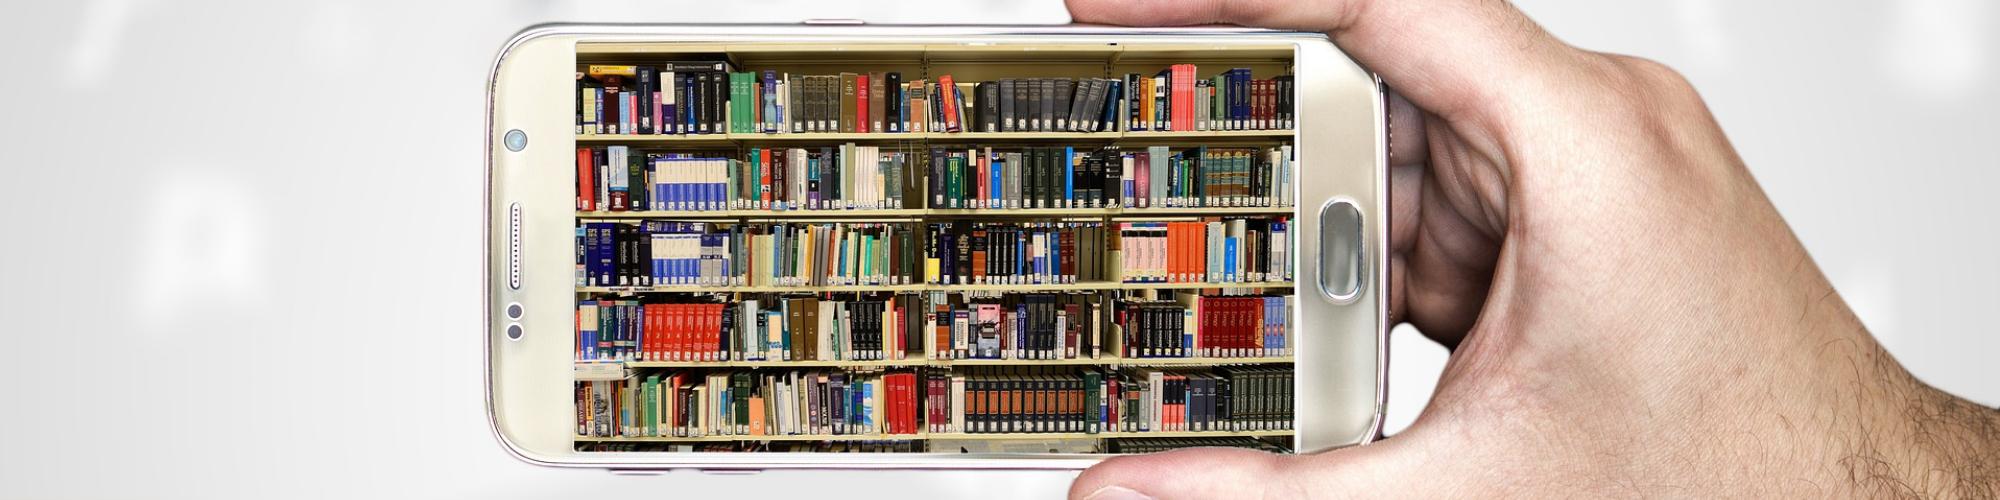 Sito web per libreria